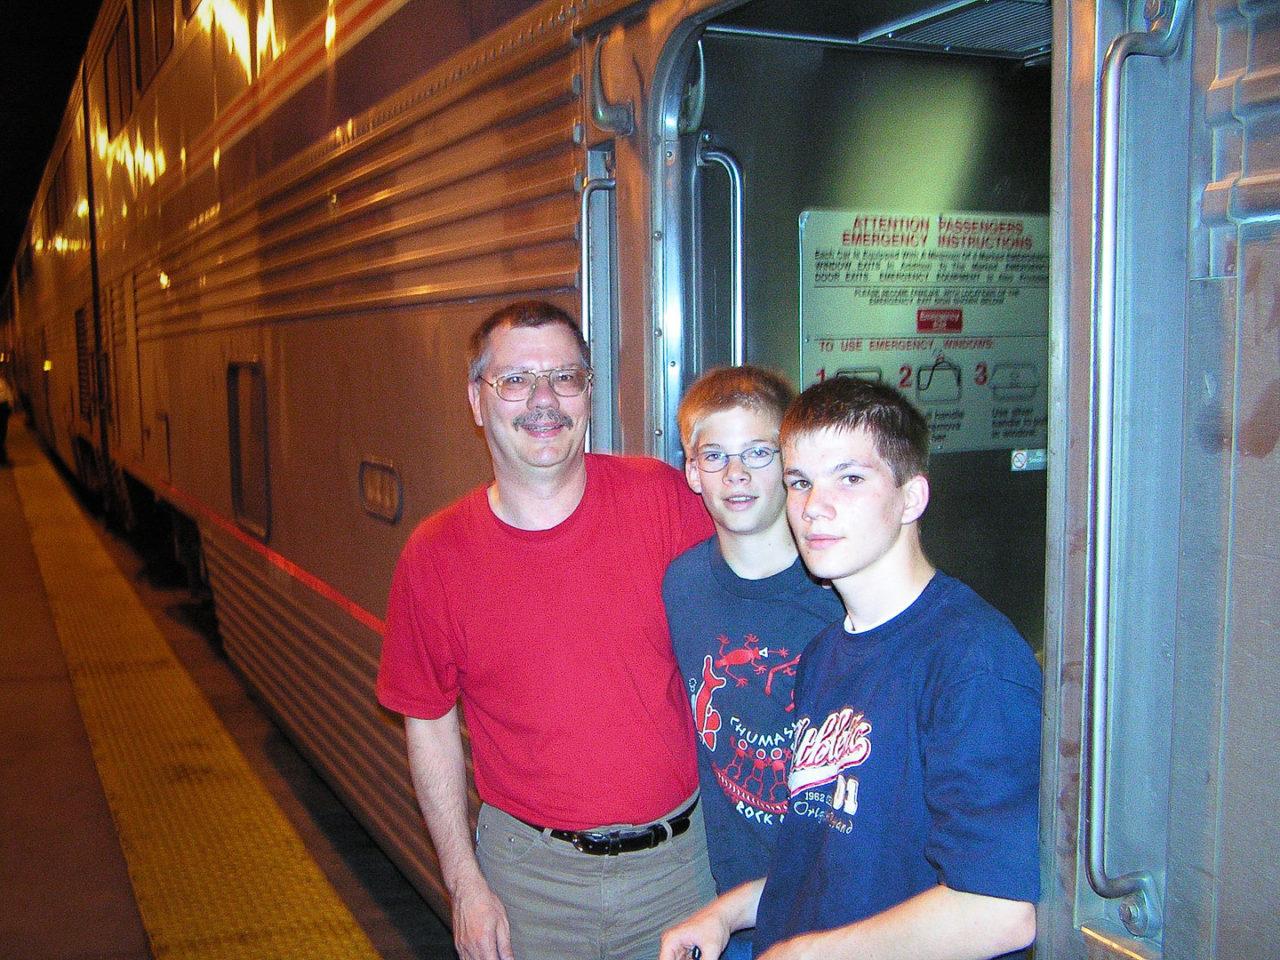 Einstieg in den Amtrak-Zug